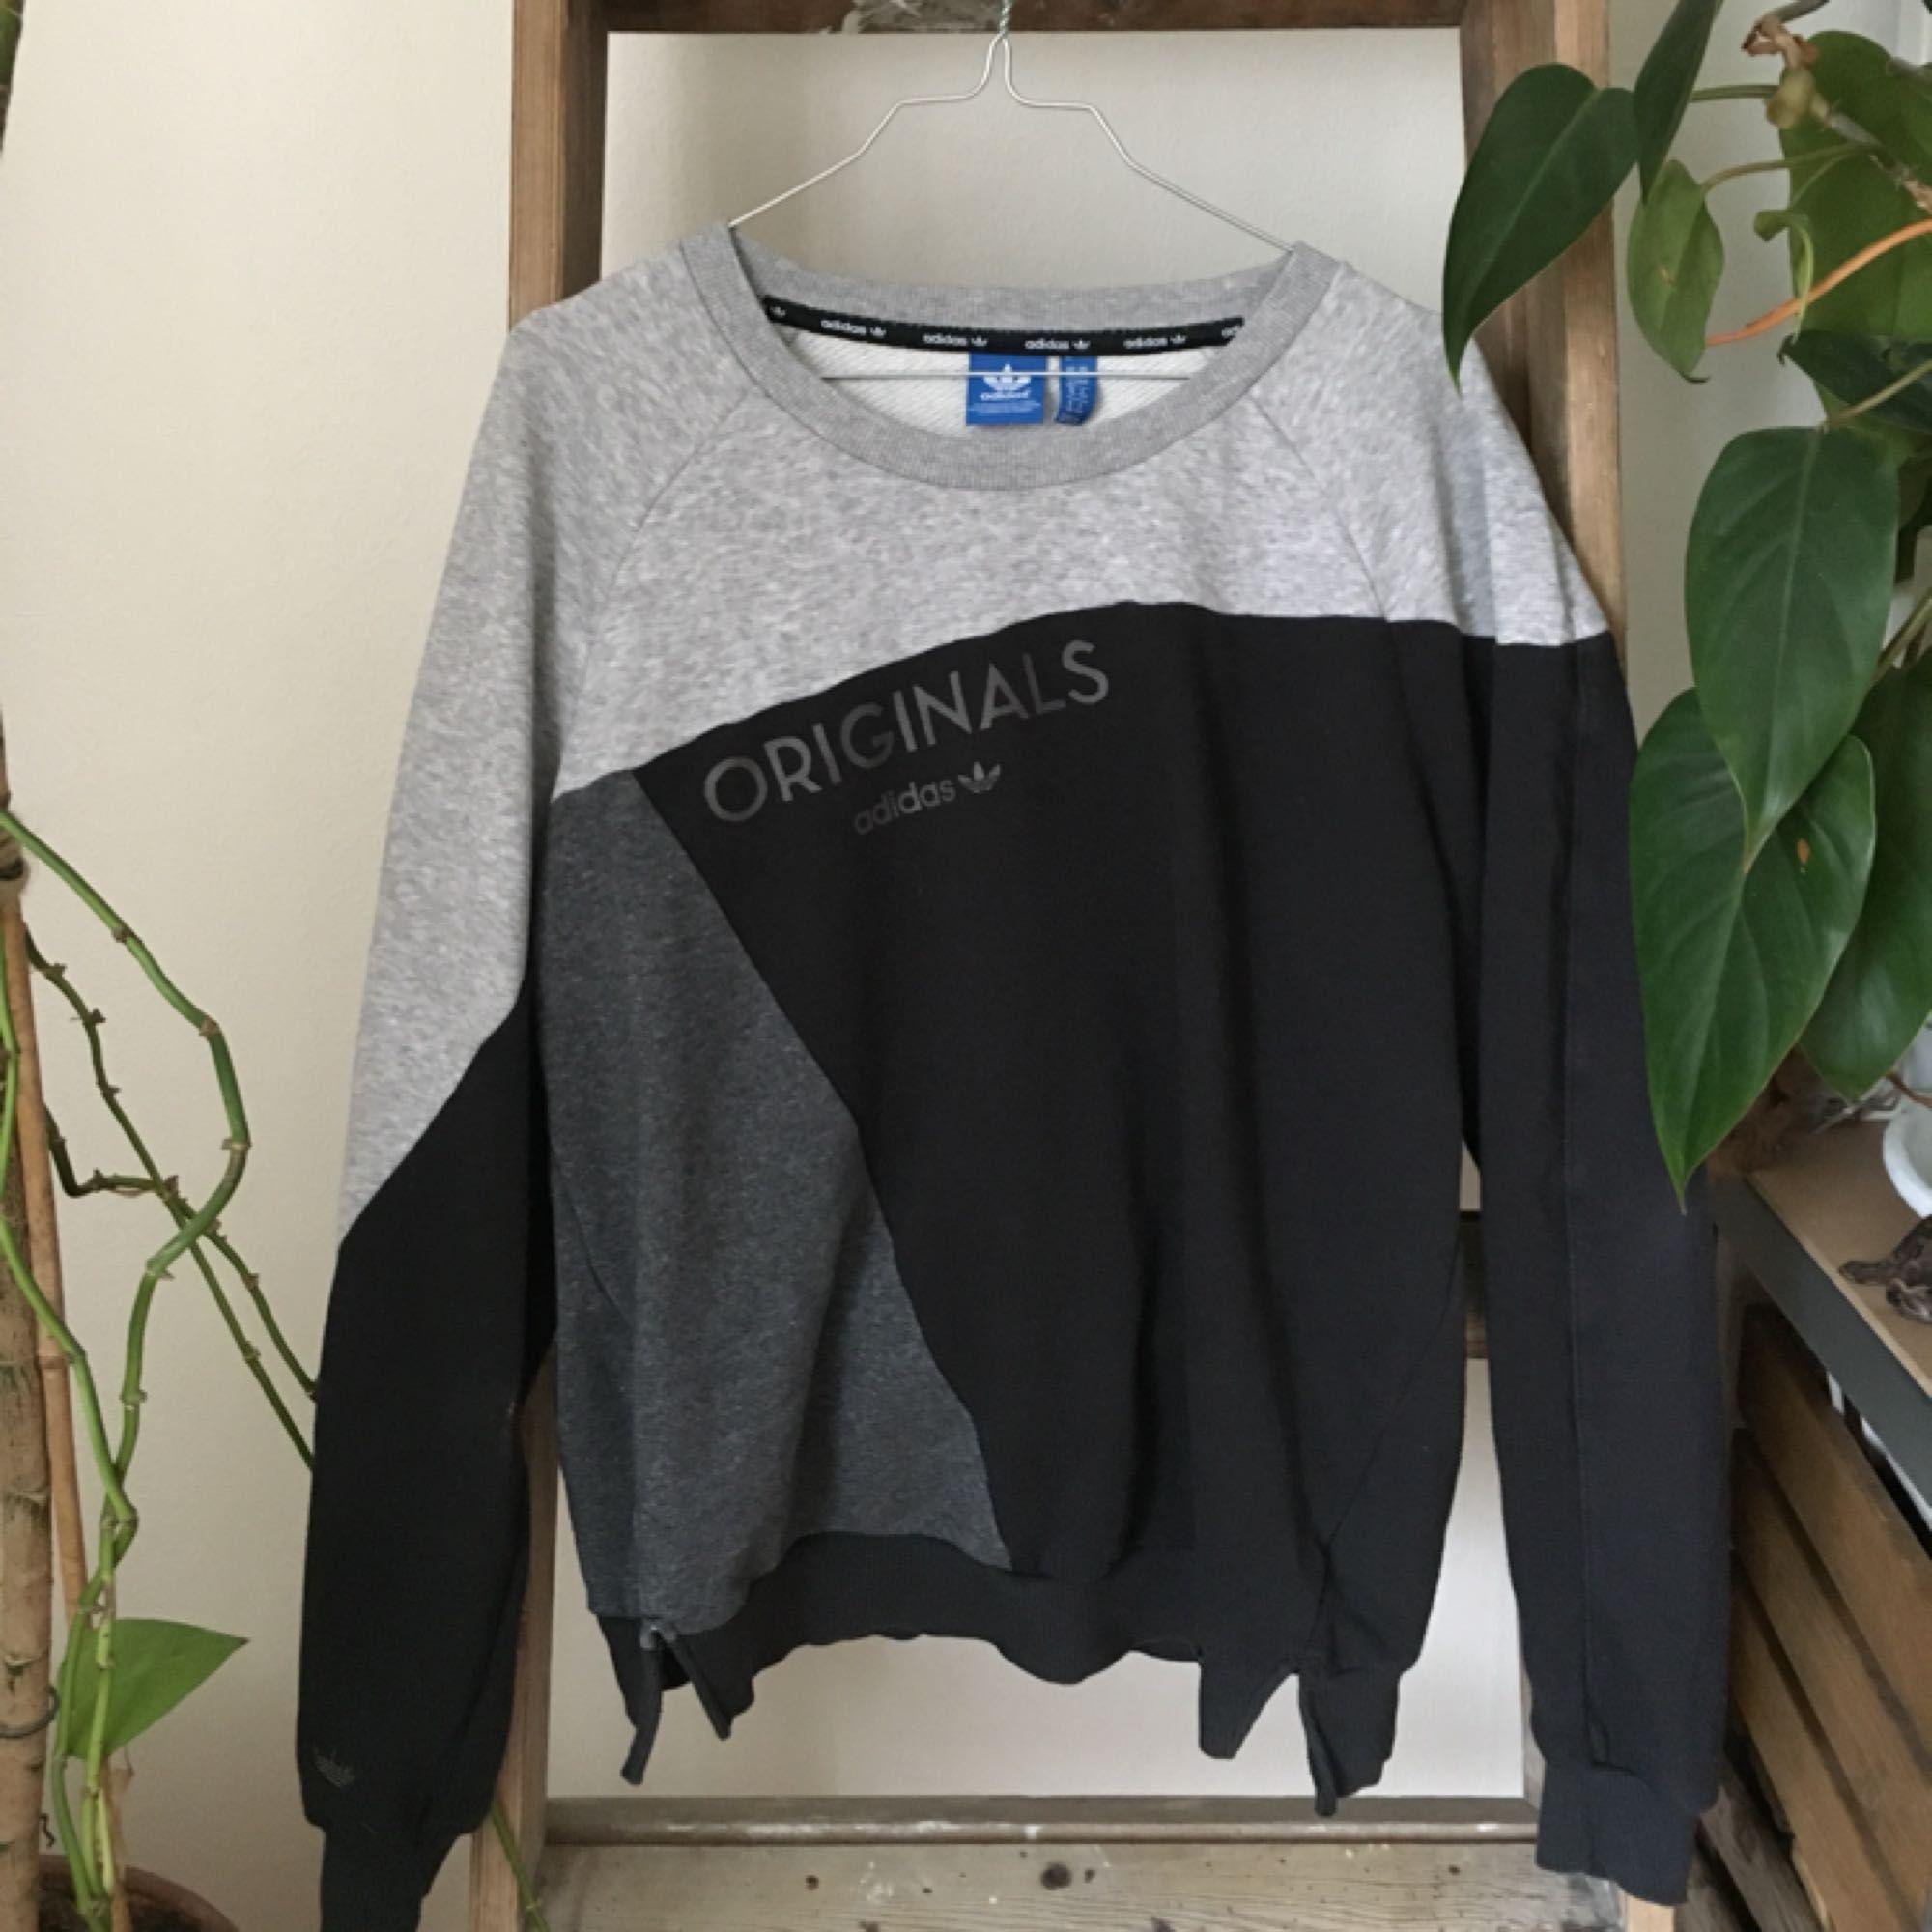 d5e357e981d3 Malmö - Adidaskläder - Adidaströja